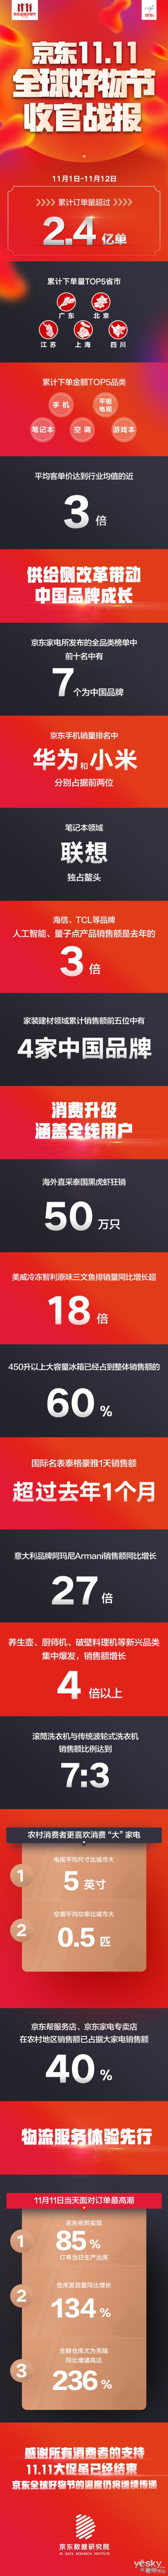 京东公布双十一战报:累计产生2.4亿订单